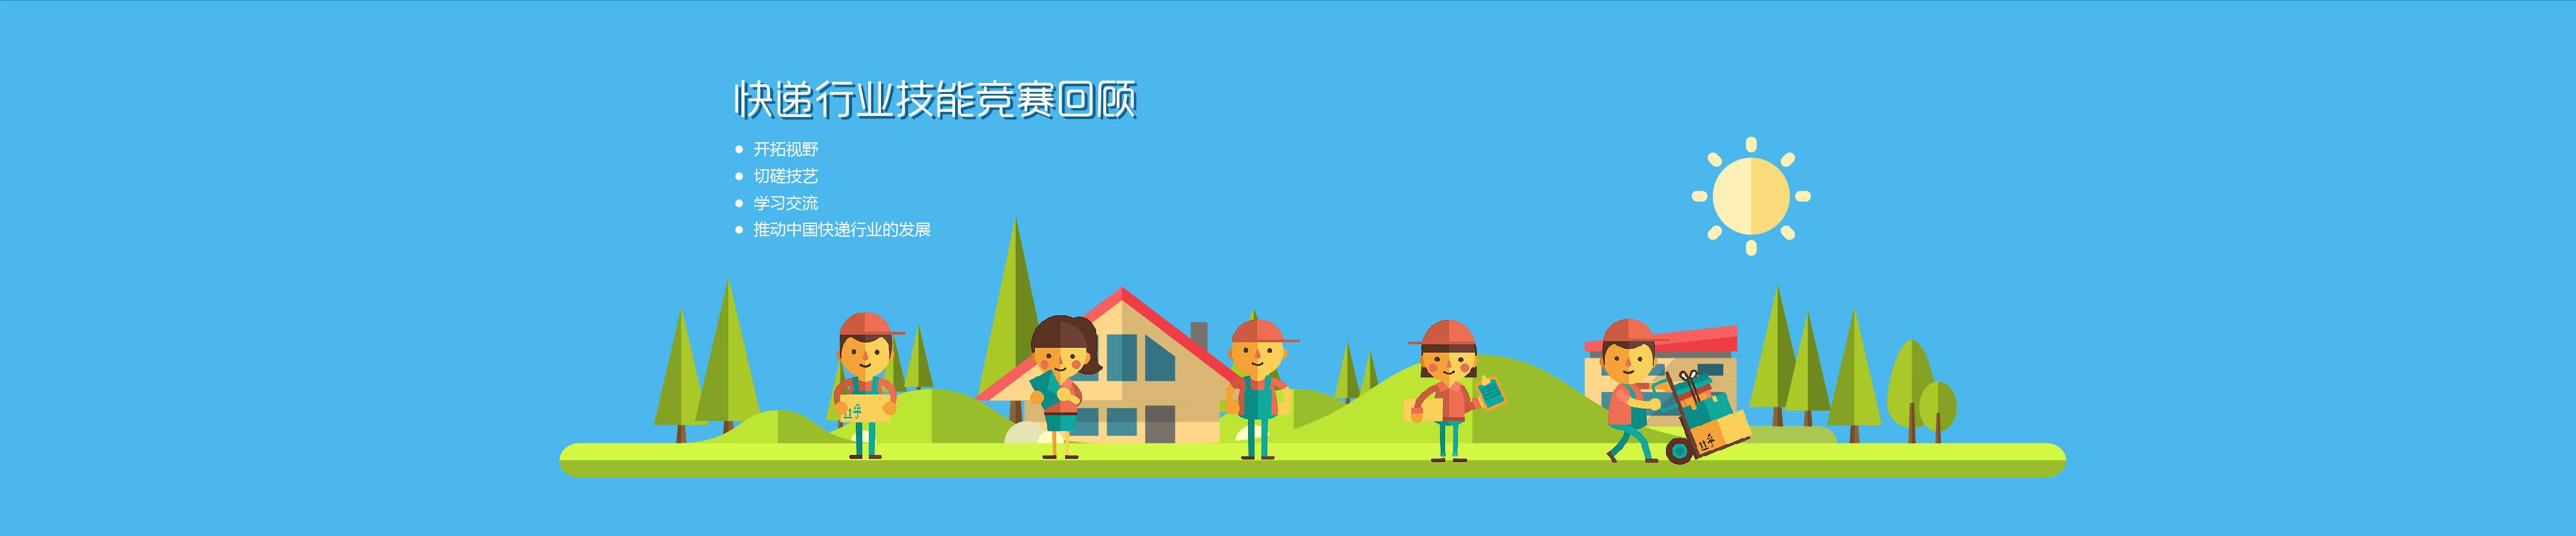 电商 电商平台 微商发圈素材 - 赛美图片网